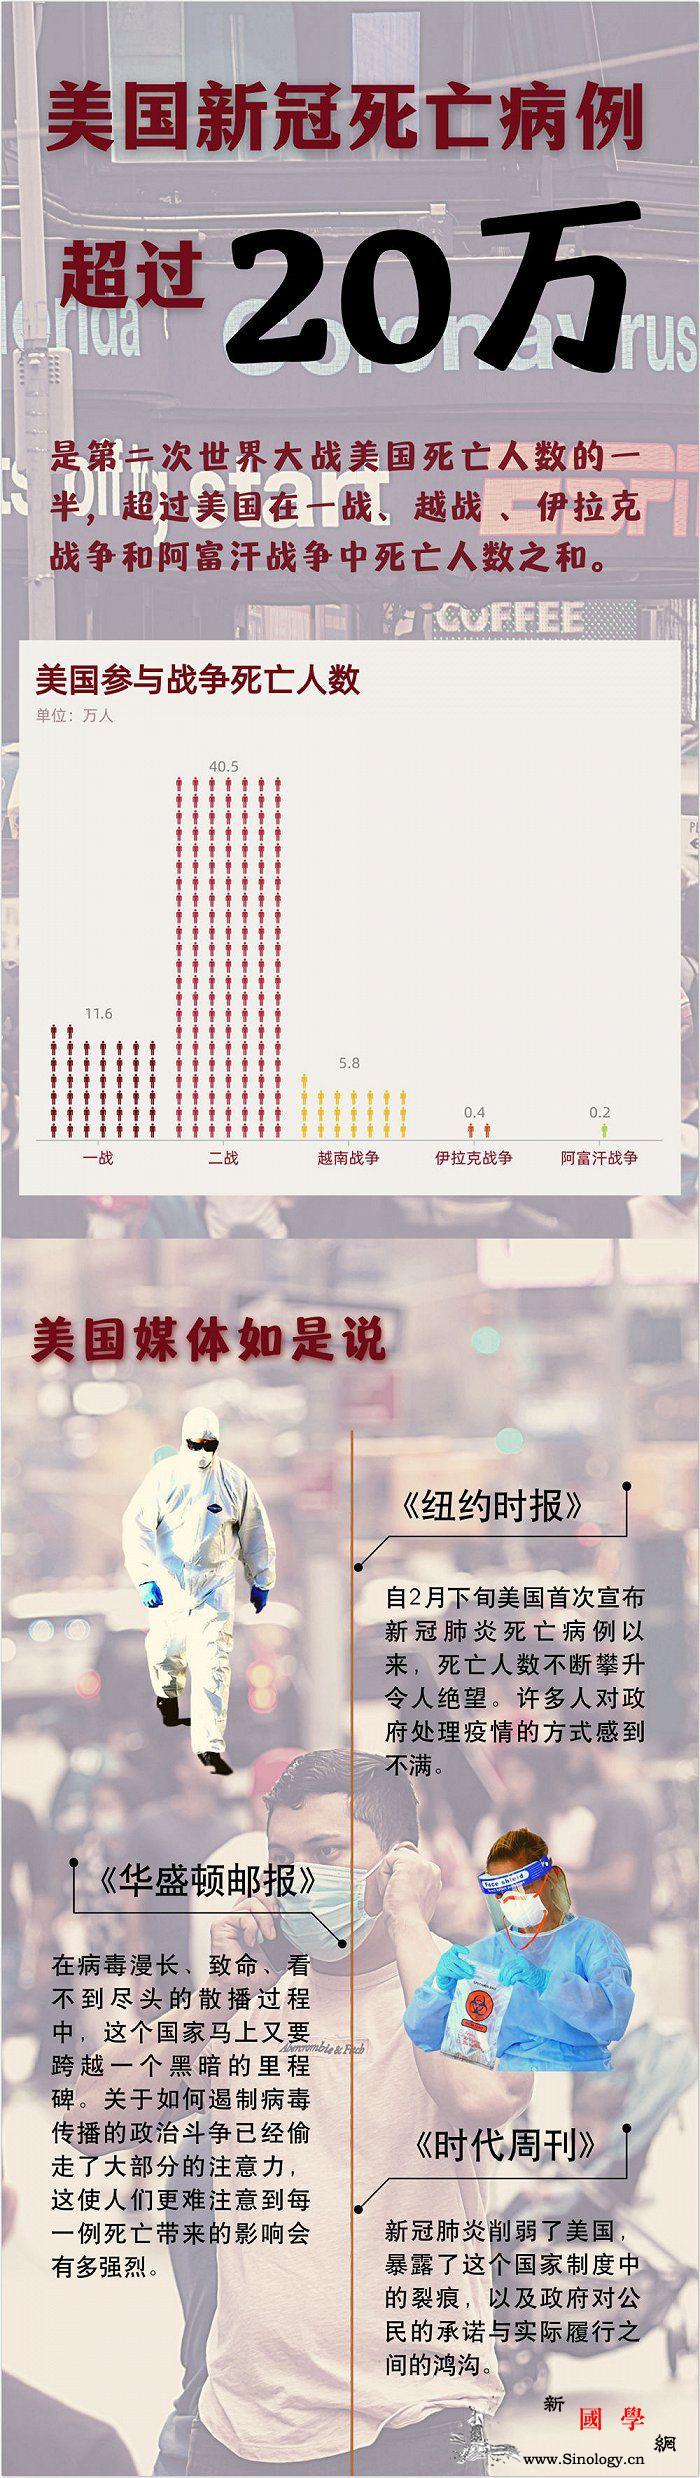 长图|美国新冠死亡病例超20万_编辑-鲁豫-美国-